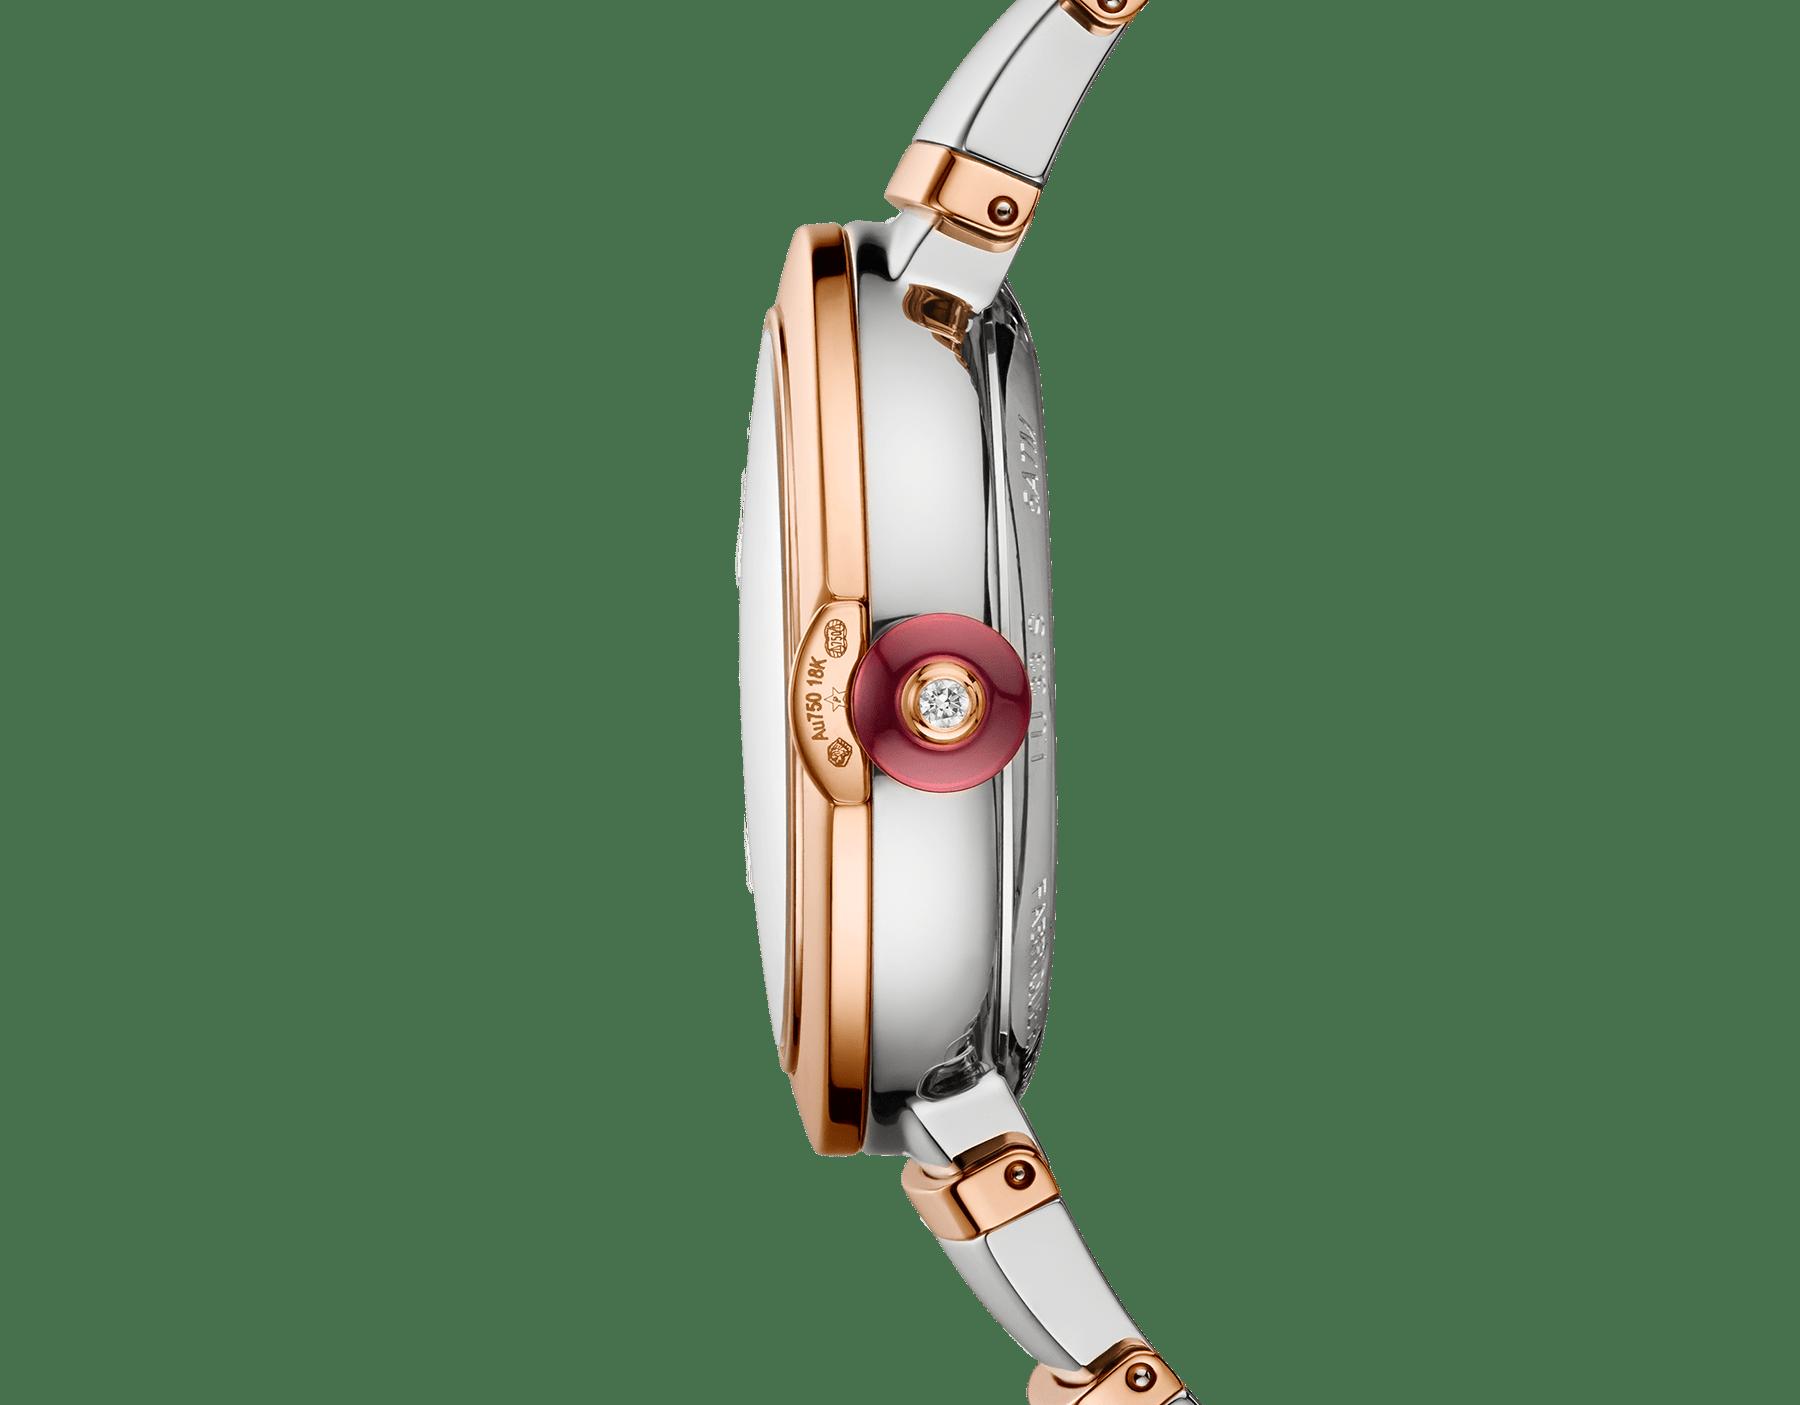 Montre LVCEA avec boîtier et bracelet en or rose 18K et acier inoxydable, cadran en opaline noire. 102192 image 3